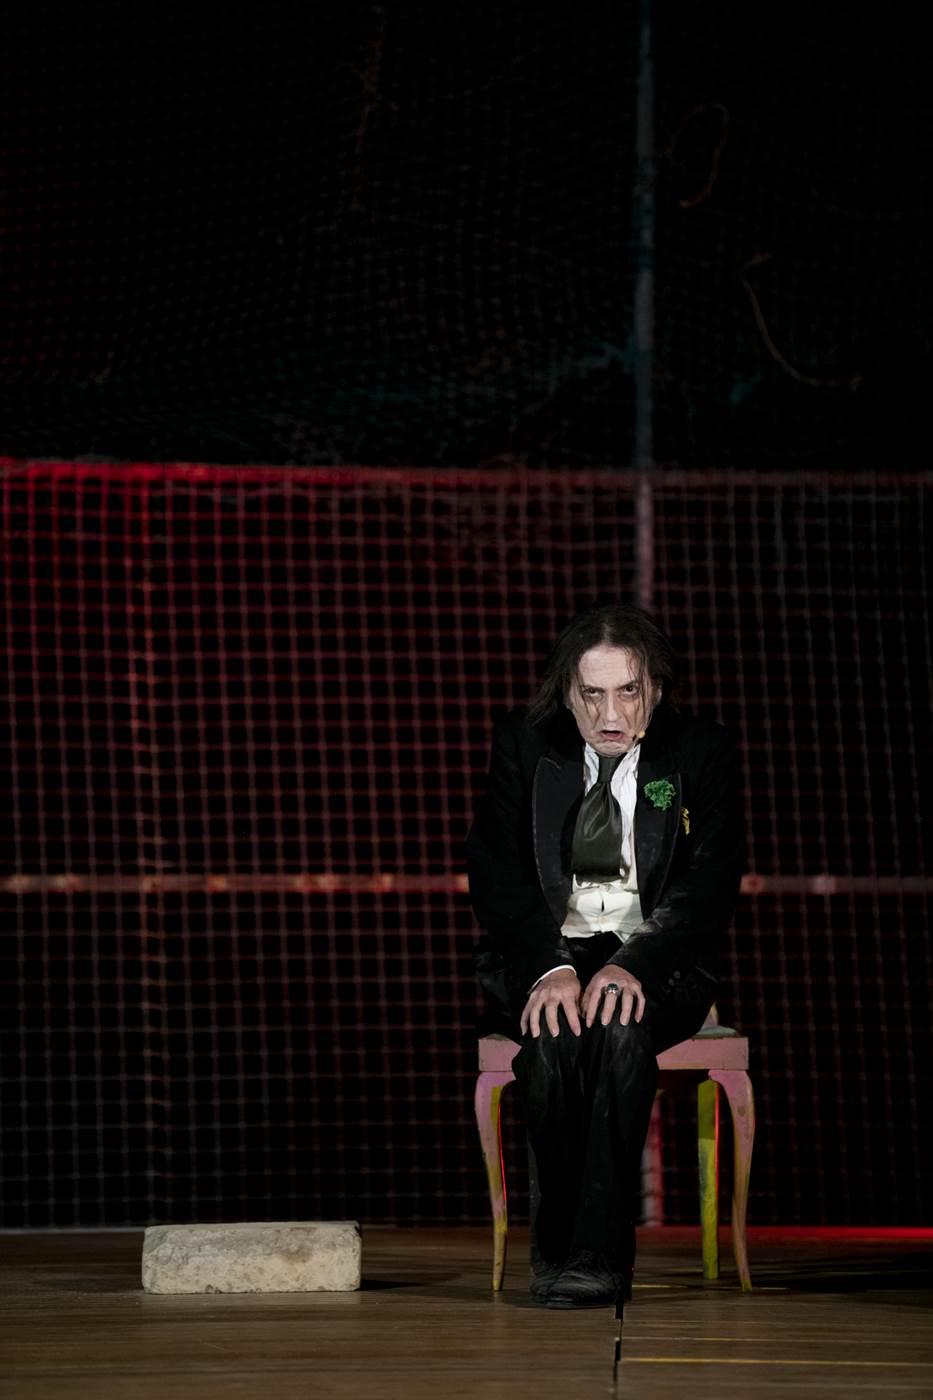 Roberto Azzurro sarà in scena da giovedì 14 a domenica 17 novembre, nella doppia veste di interprete e di regista, al Ridotto del Mercadante, con lo spettacoloLa ballata del carcere [...]